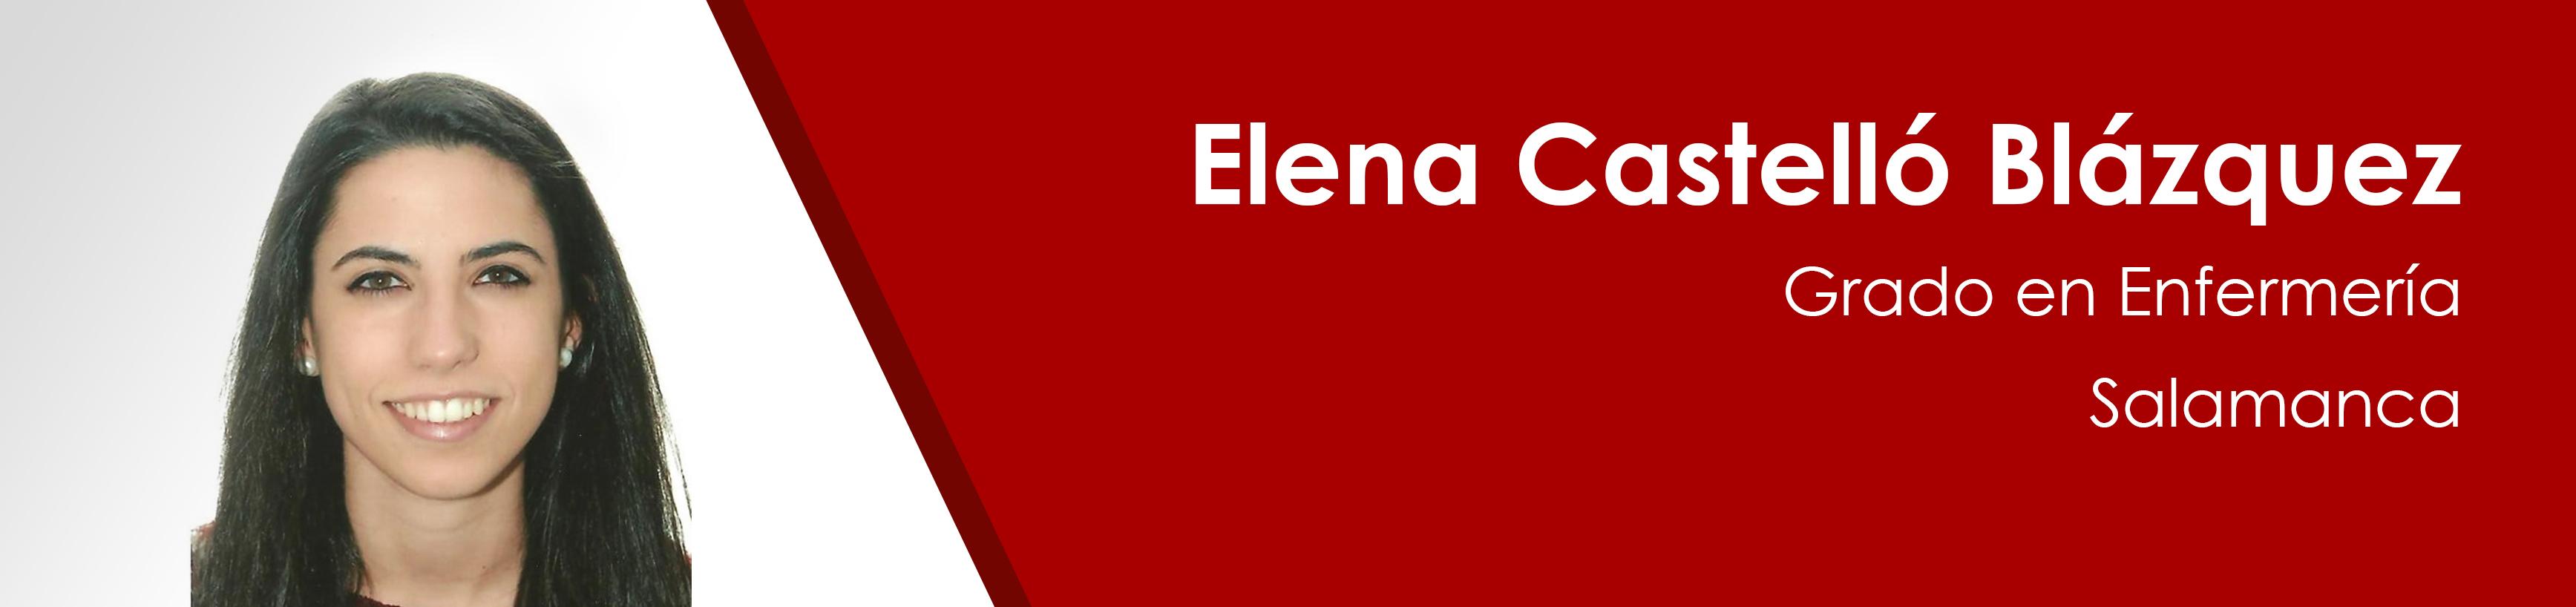 elena-castetllo-blazquez-destacada-ok